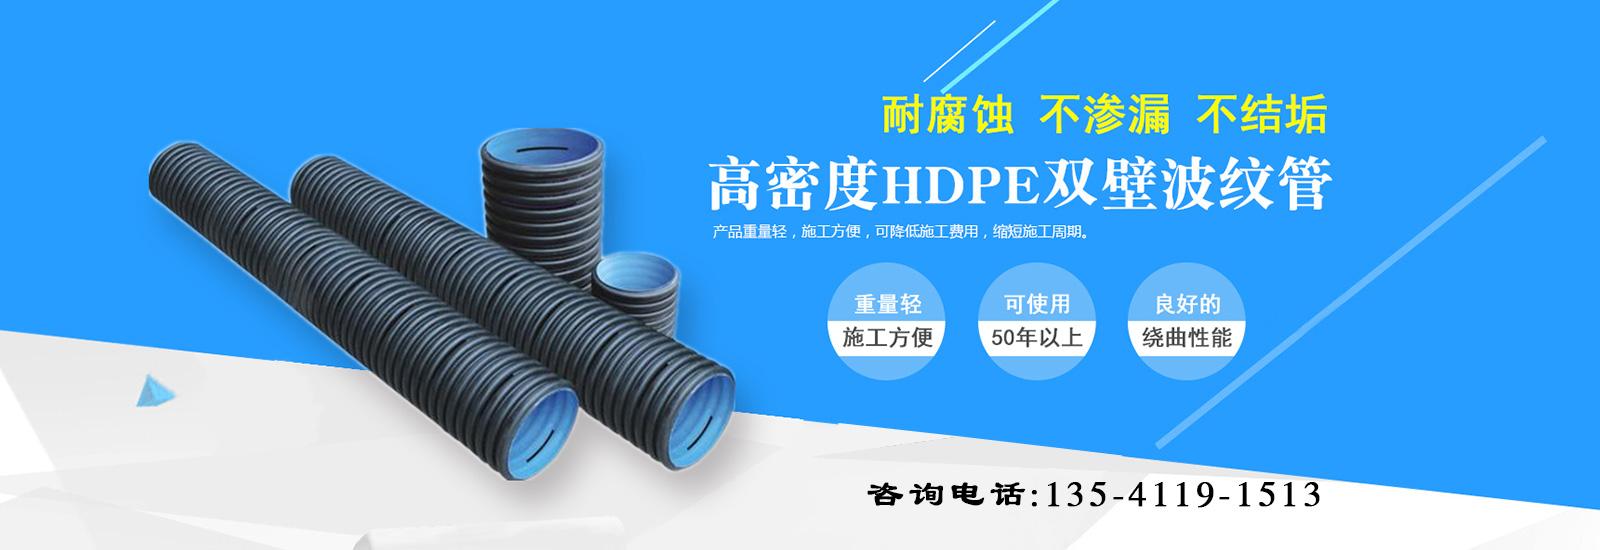 贵州塑胶管道